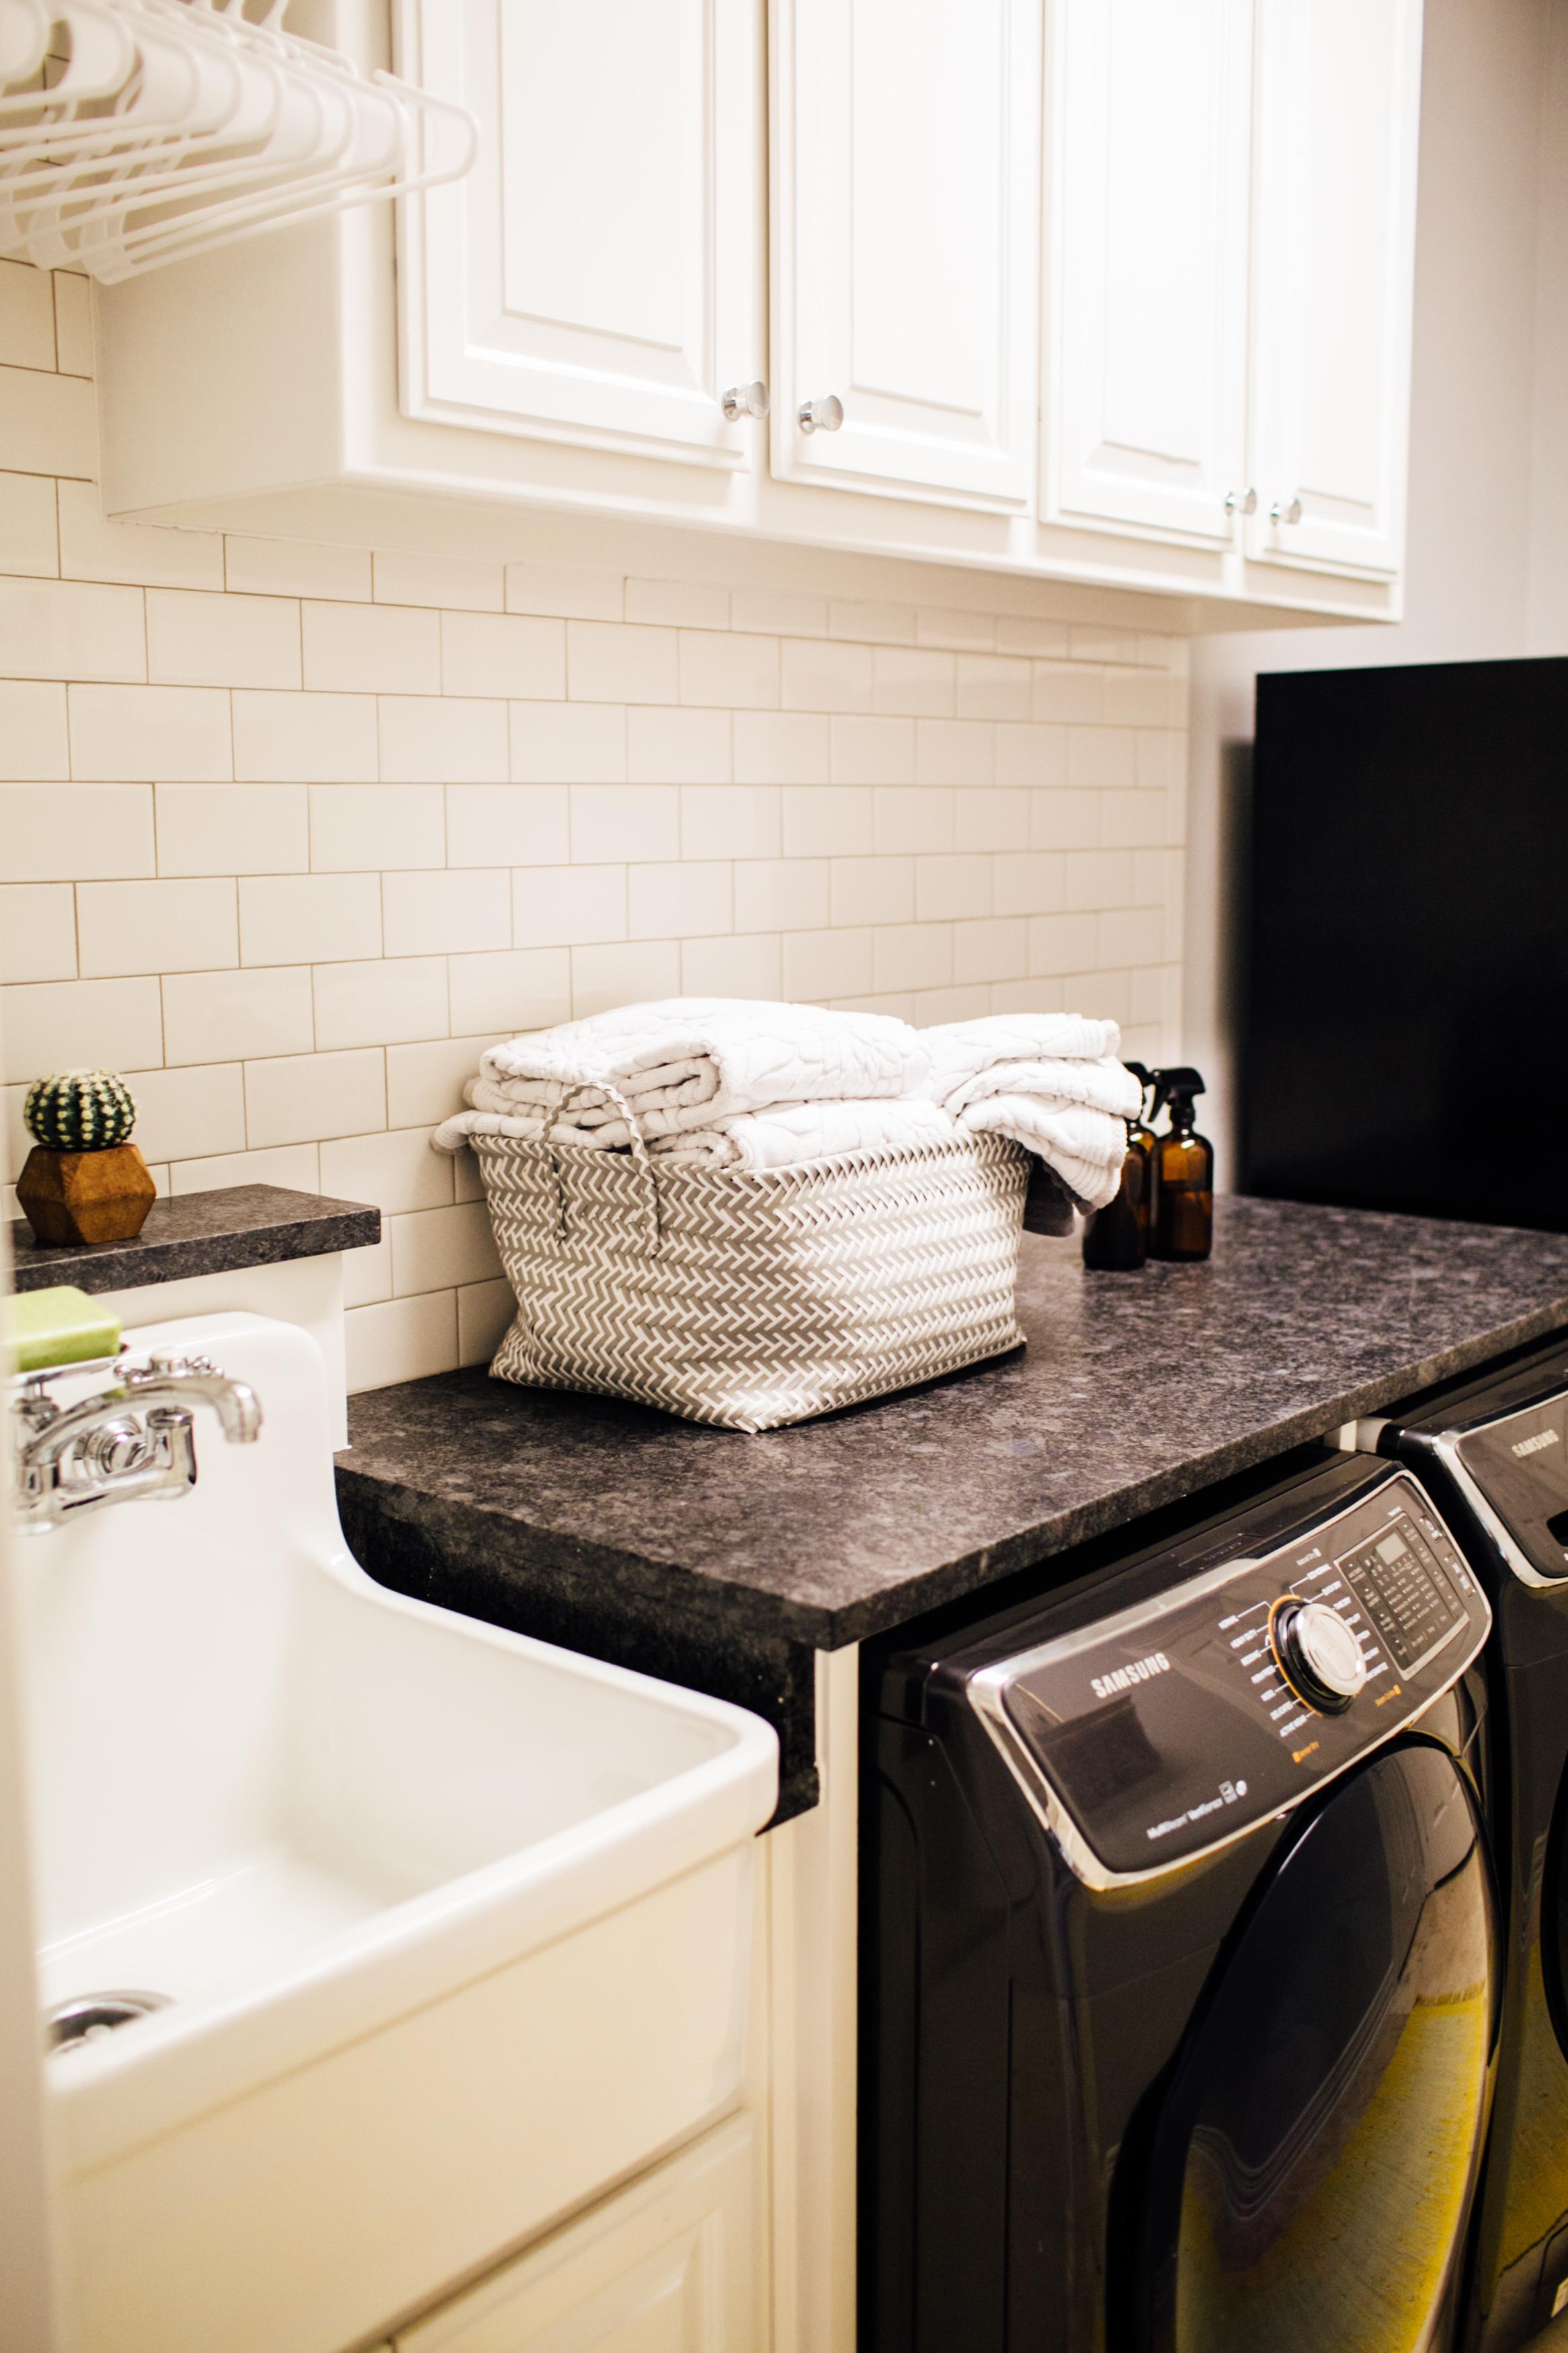 Laundry Room Remodel 8.jpg